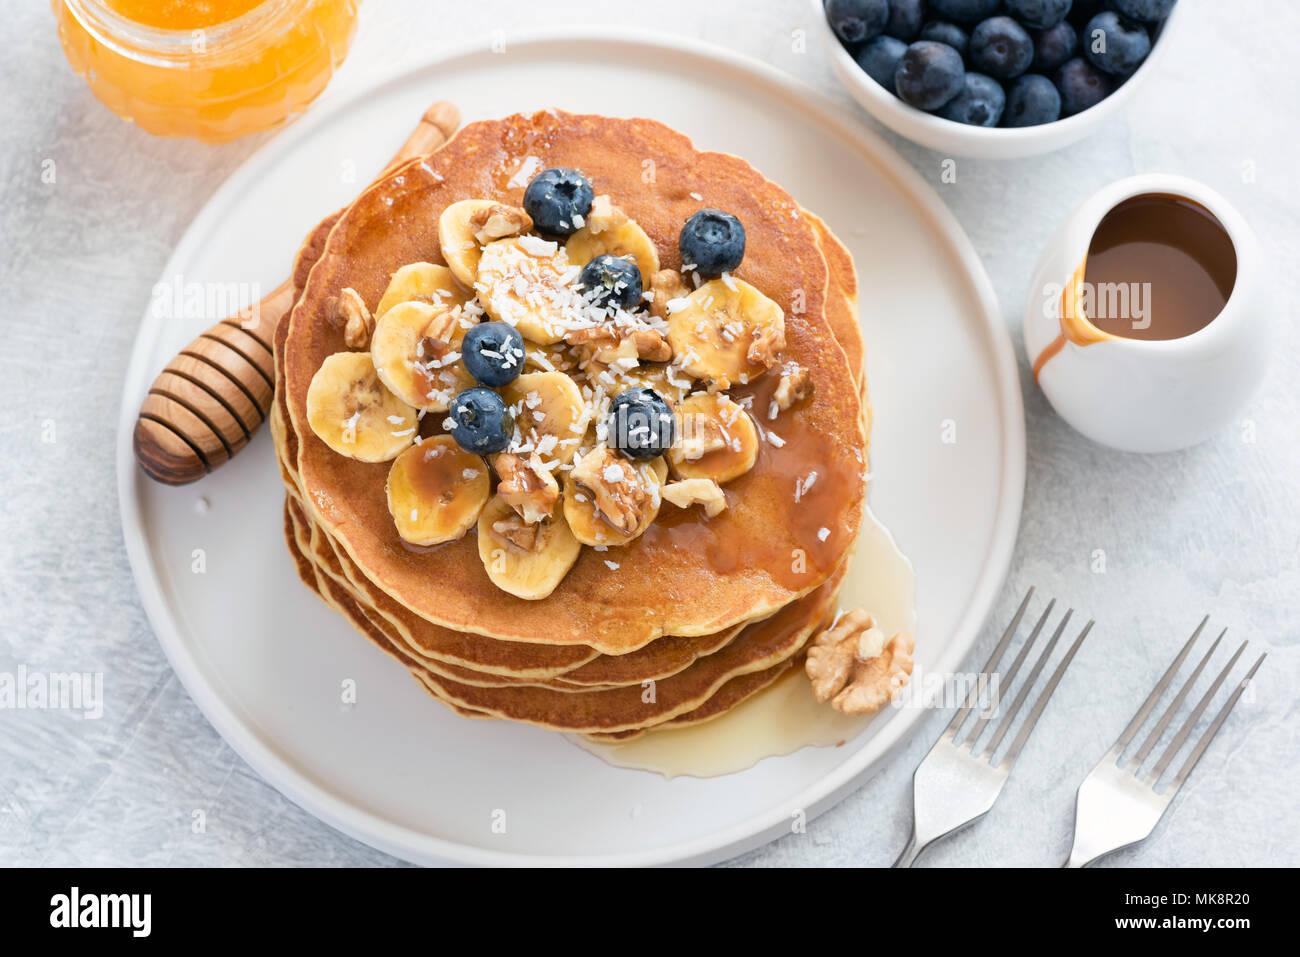 Pancake con mirtilli, banana, noci e miele sulla piastra bianca. Pila di gustosi pancake con sciroppo di caramello. Frittelle prima colazione con miele Immagini Stock